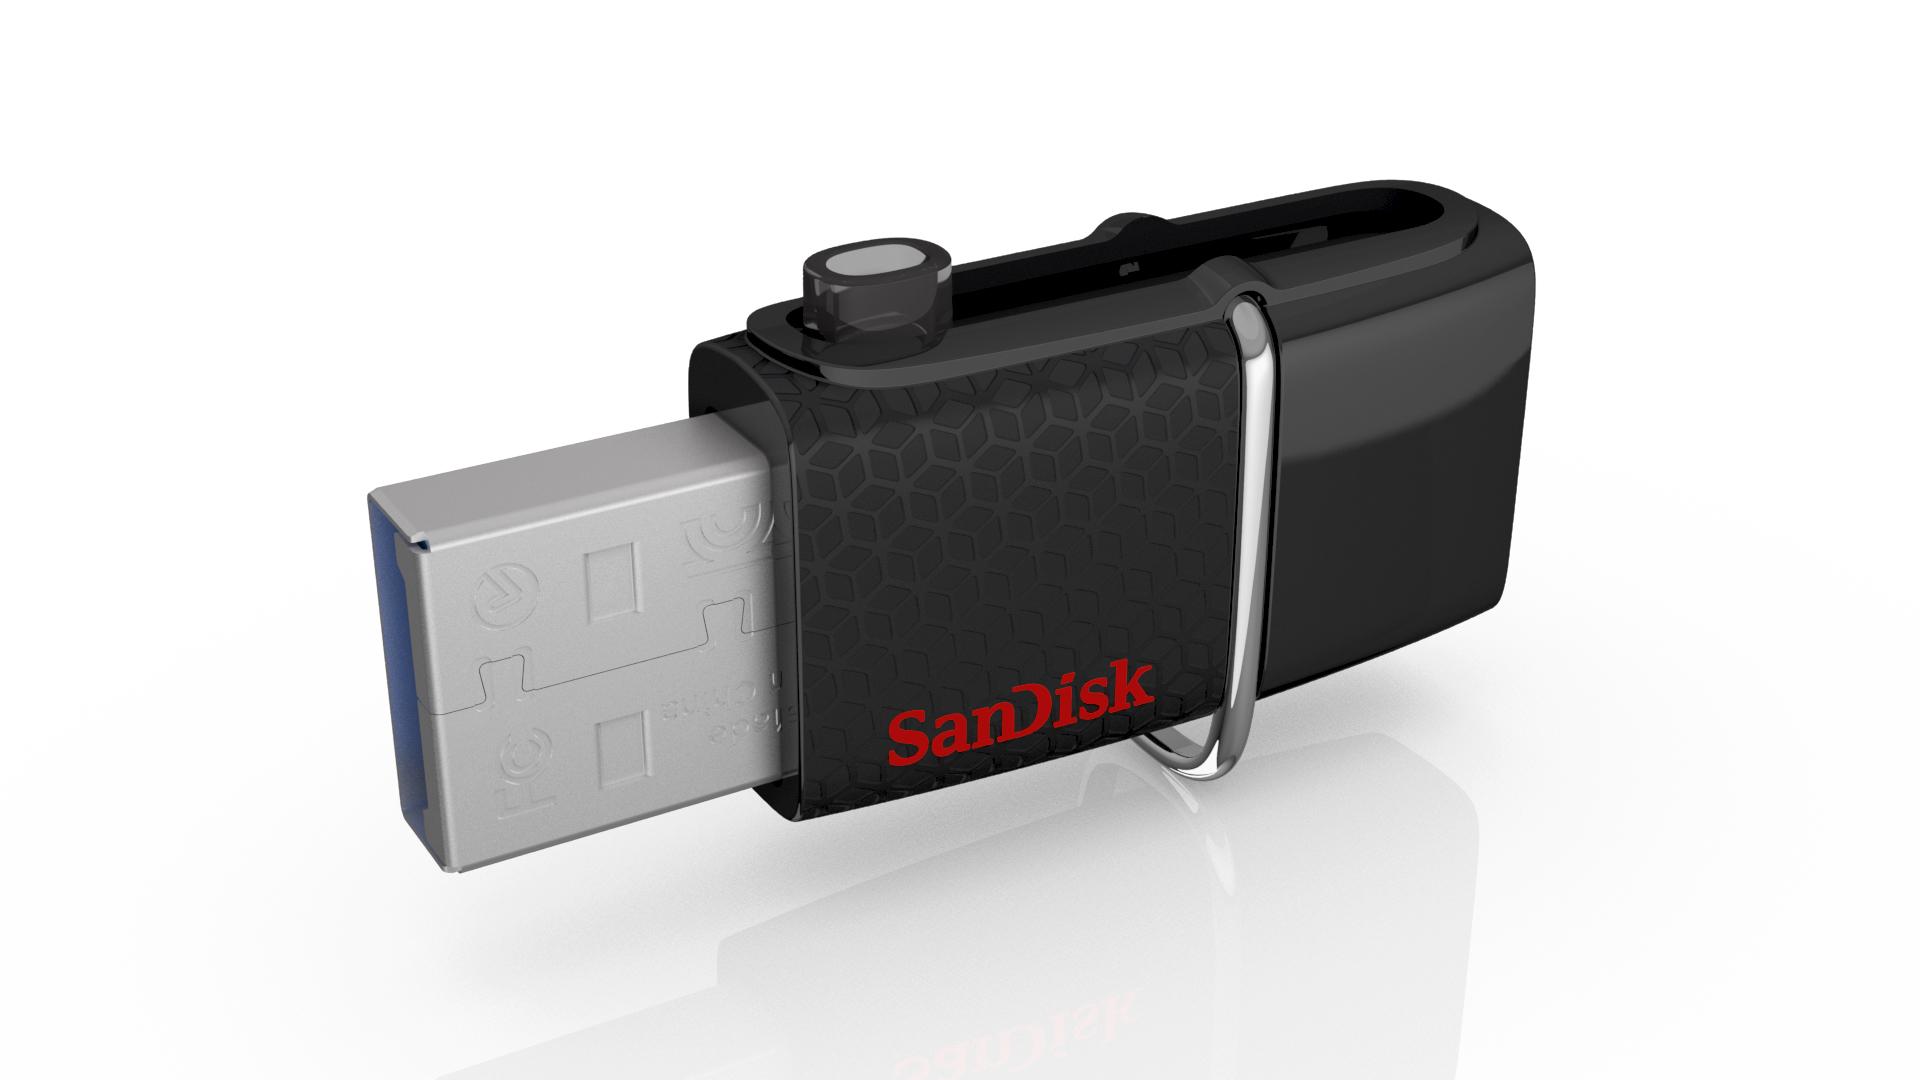 Sandisk 128GB Ultra Dual USB 3.0 128GB USB 3.0 (3.1 Gen 1) Type-A Black USB flash drive